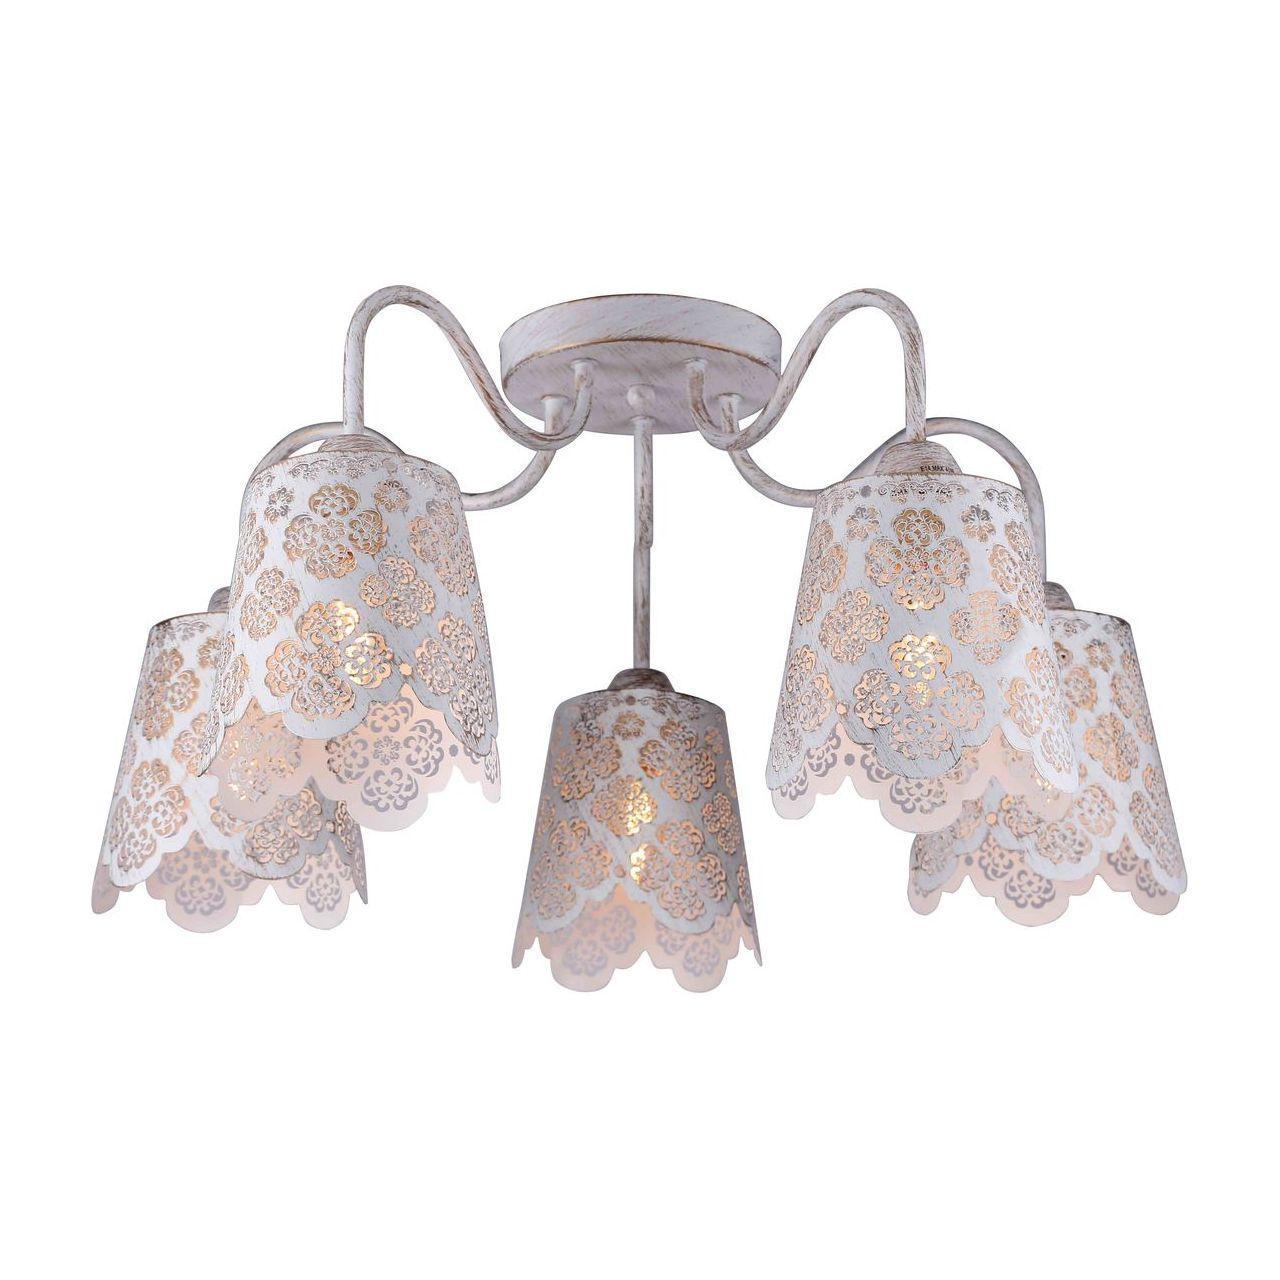 купить Люстра Arte Lamp A2032PL-5WG потолочная по цене 8960 рублей